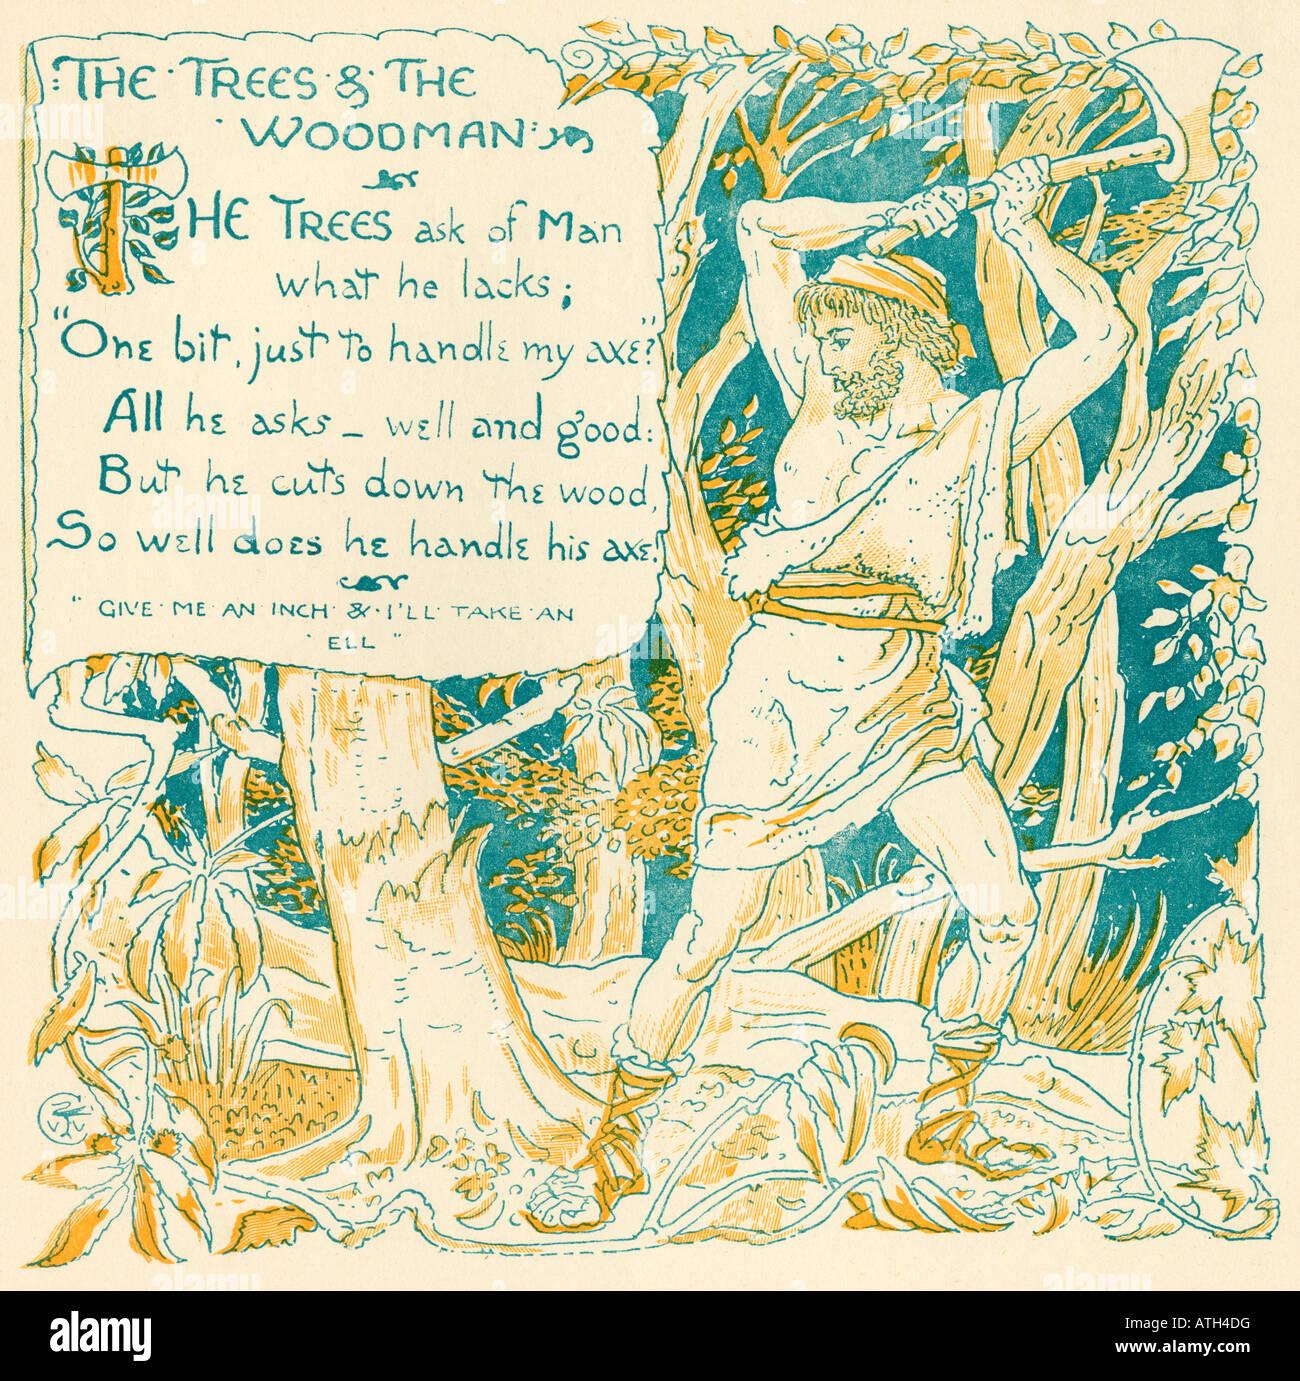 Die Bäume und The Woodman aus dem Buch The Babys eigene Aesop von Walter Crane veröffentlicht c1920 Stockbild